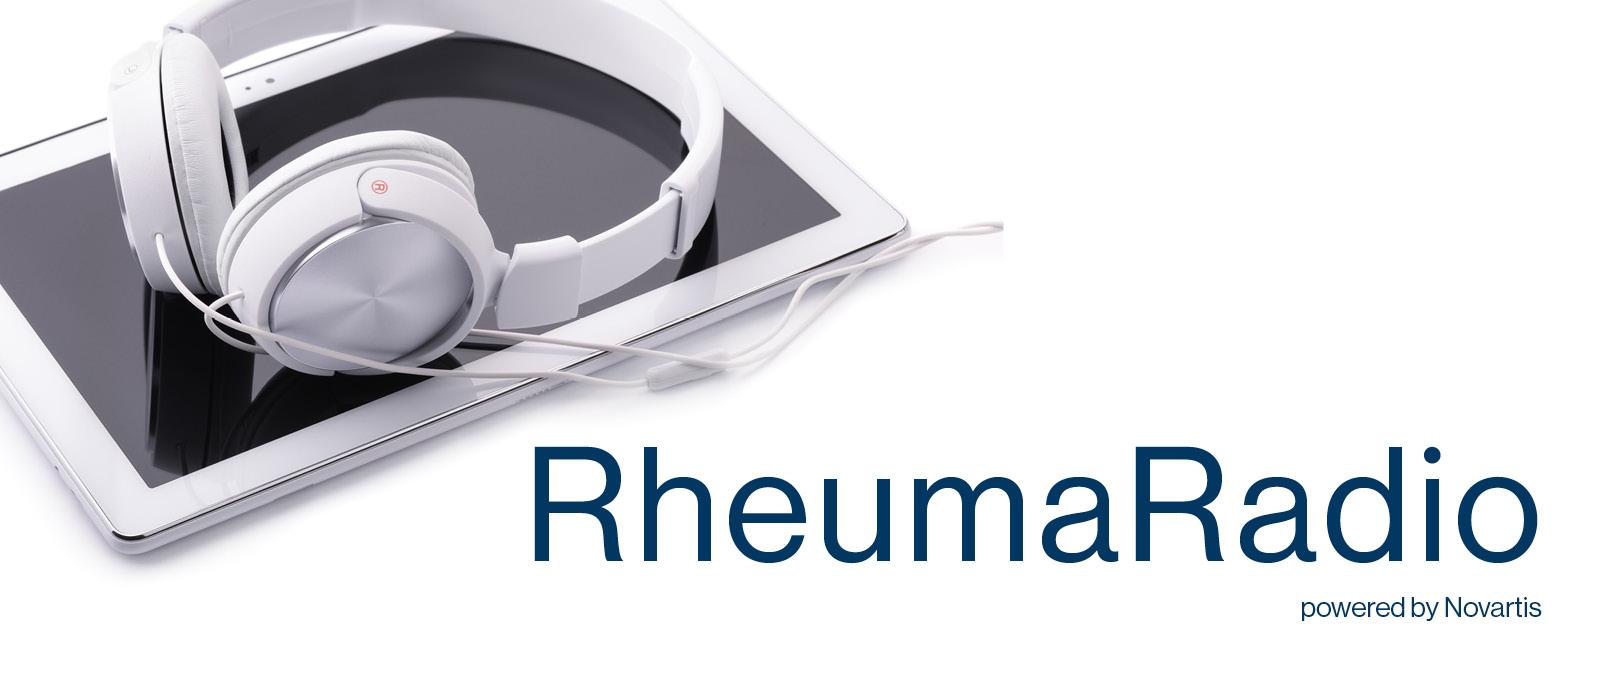 Ihr Audio-Podcast mit praxisrelevanten Inhalten der internationalen Rheuma-Kongresse